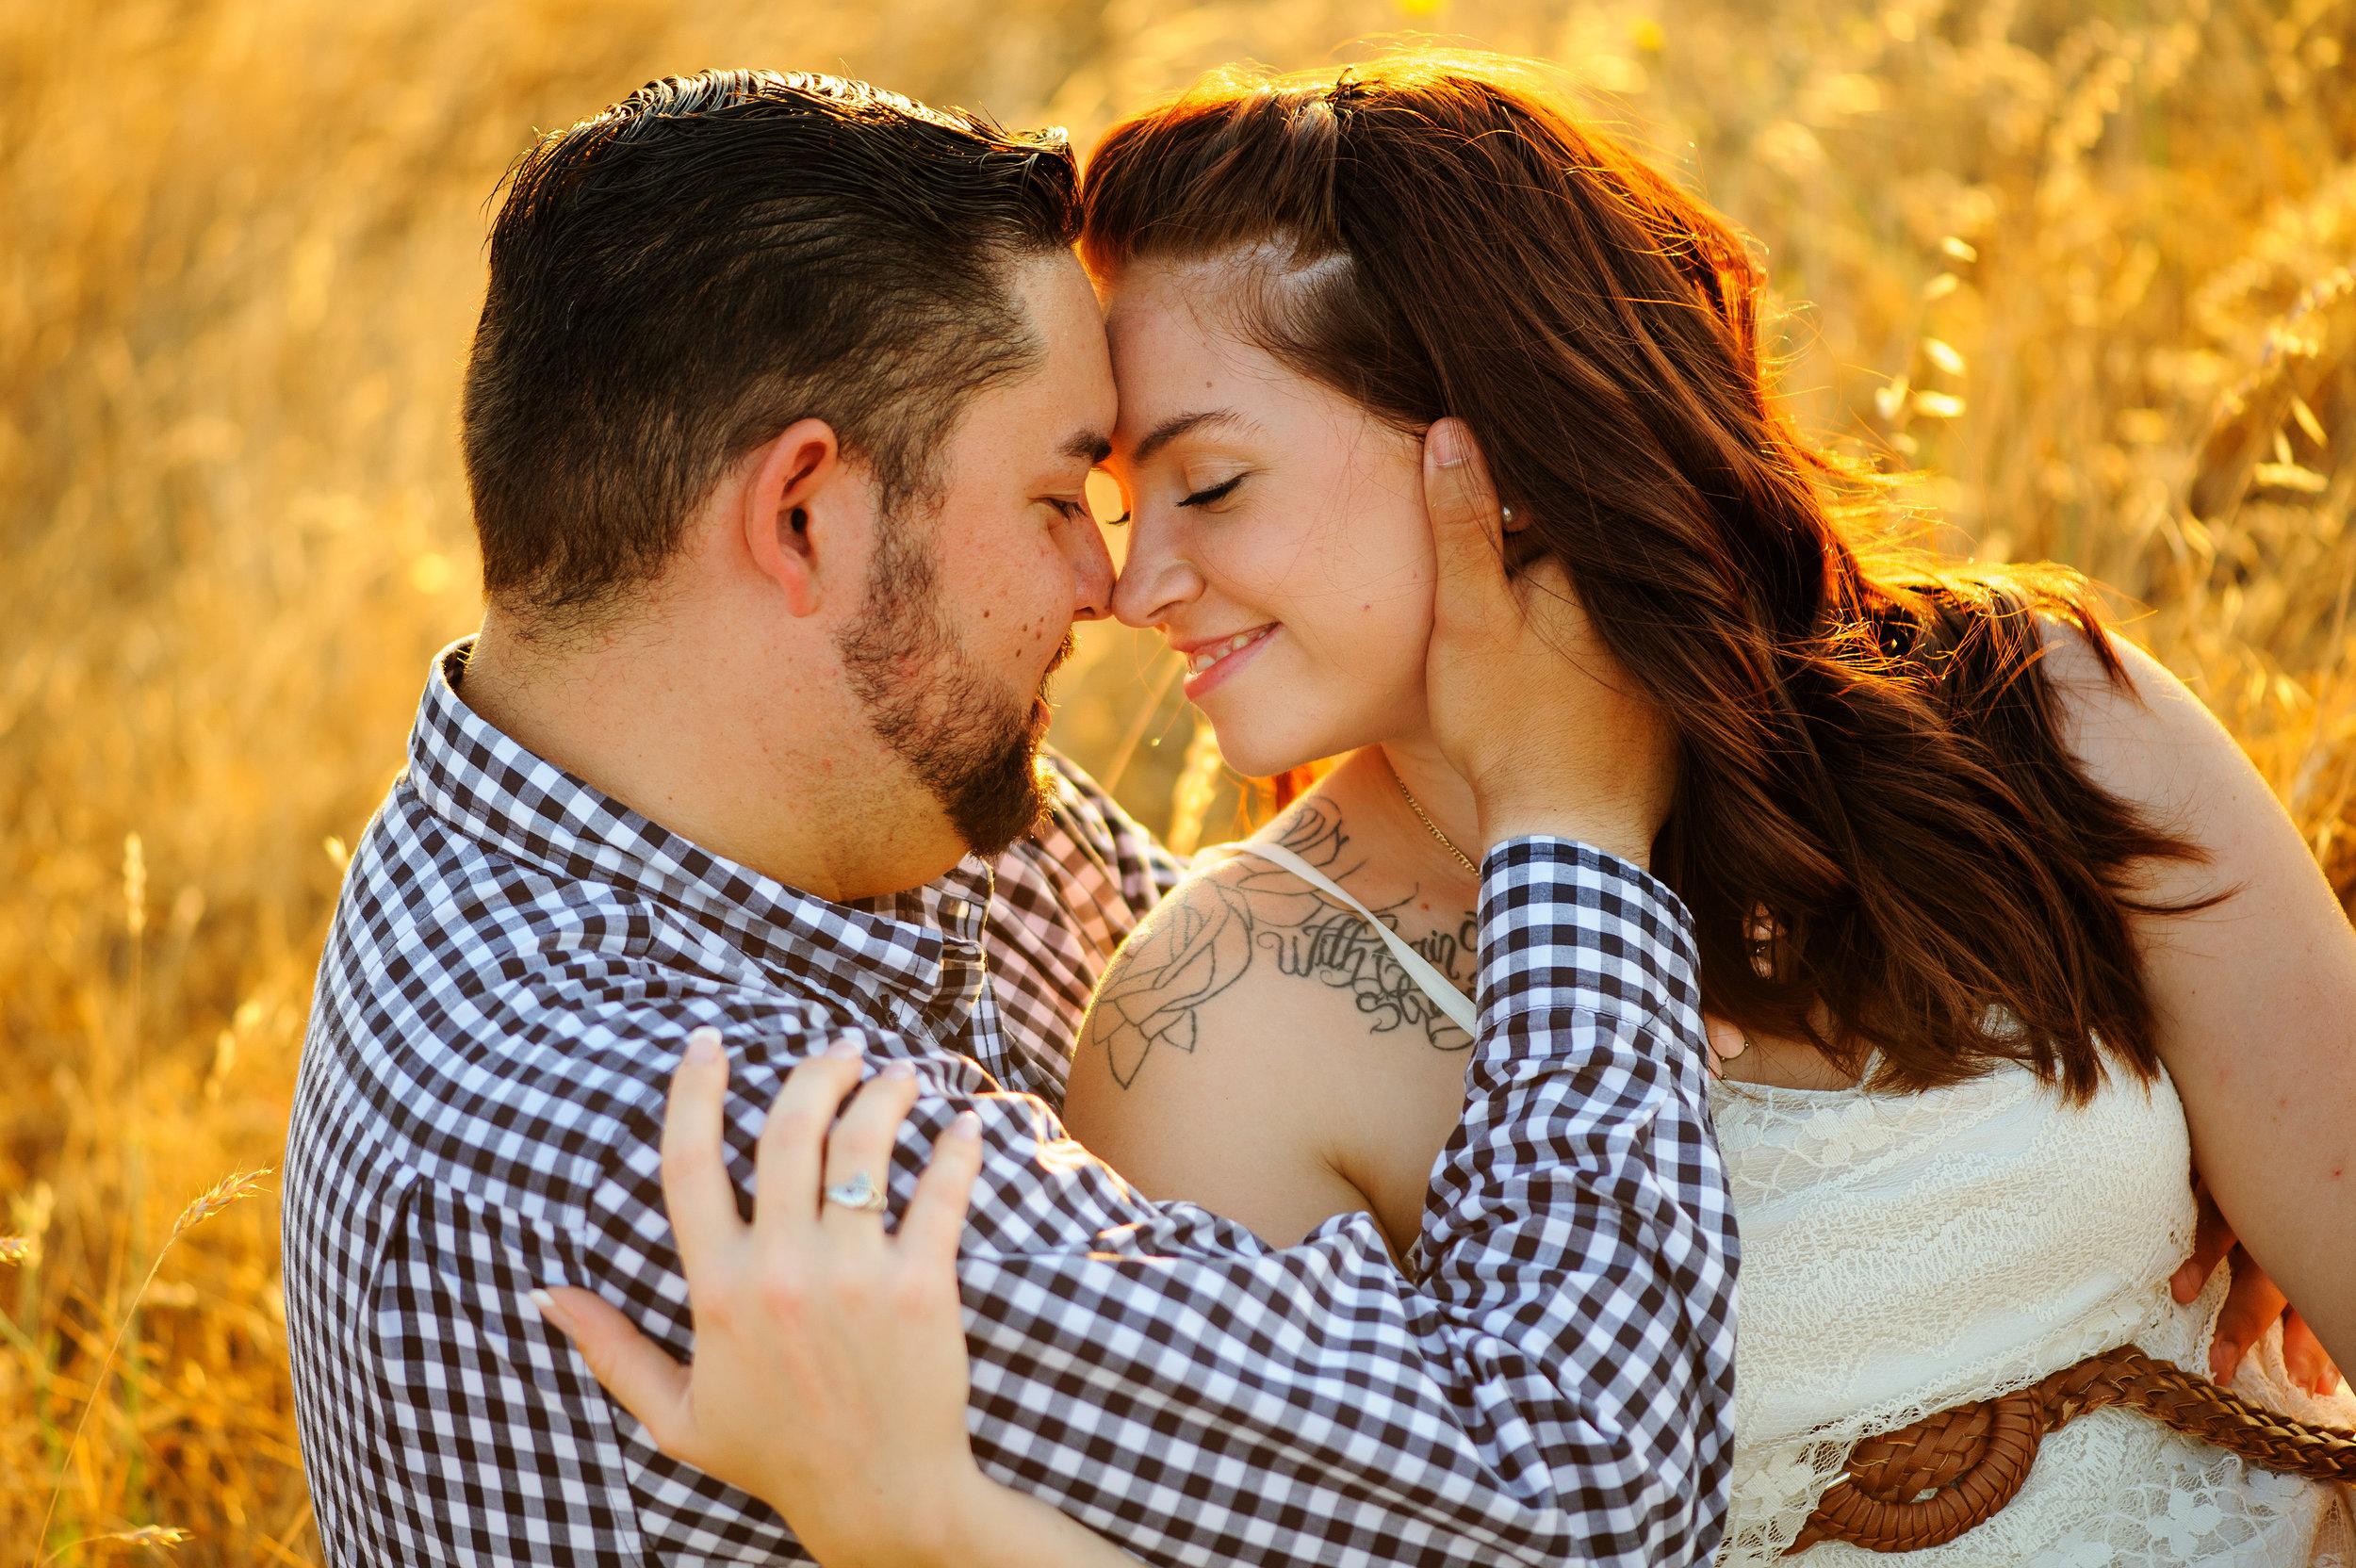 carly-geoff-023-engagement-sacramento-wedding-photographer-katherine-nicole-photography.JPG